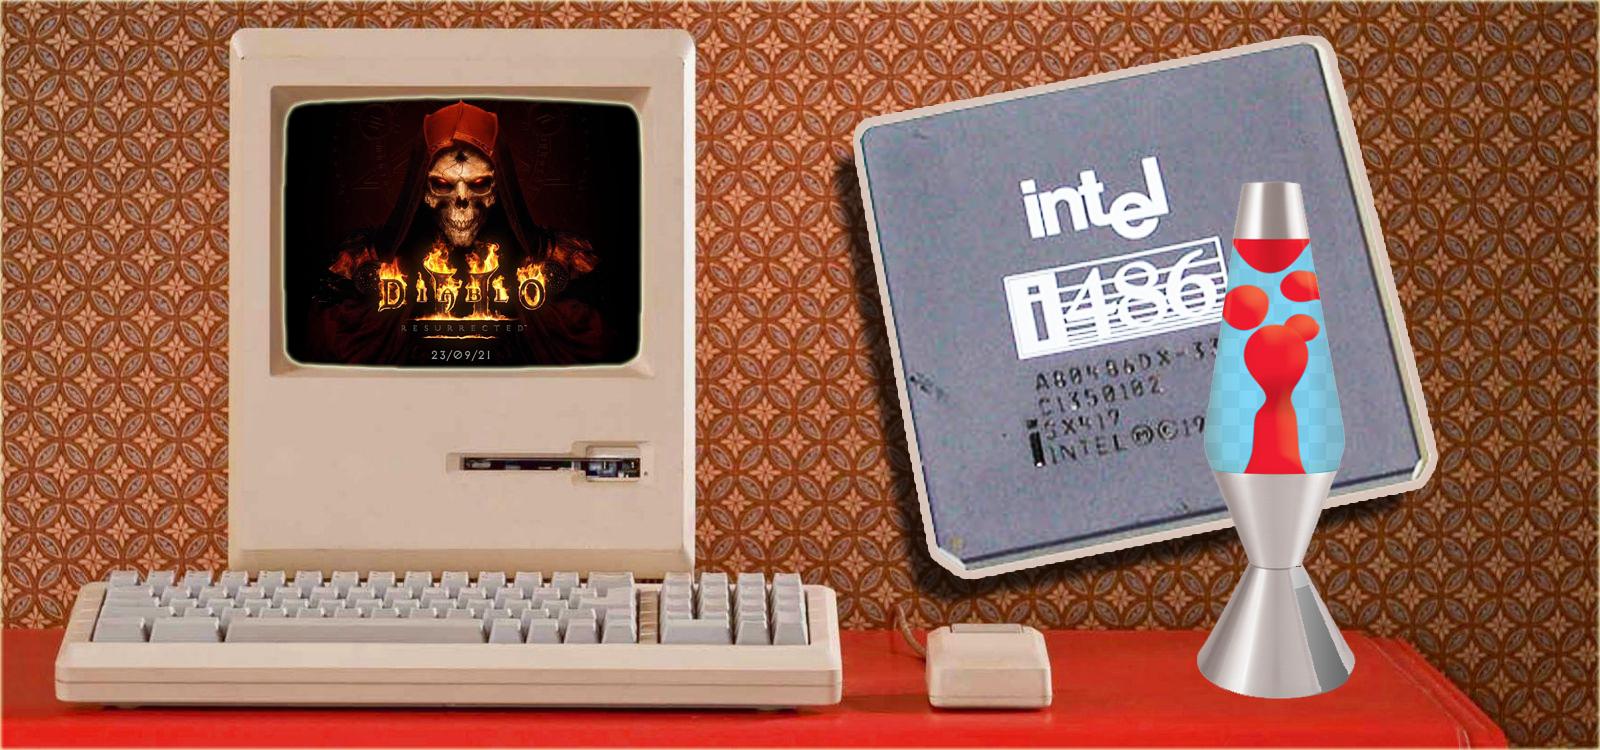 Попытка запустить Diablo 2 на Intel486DX процессоре